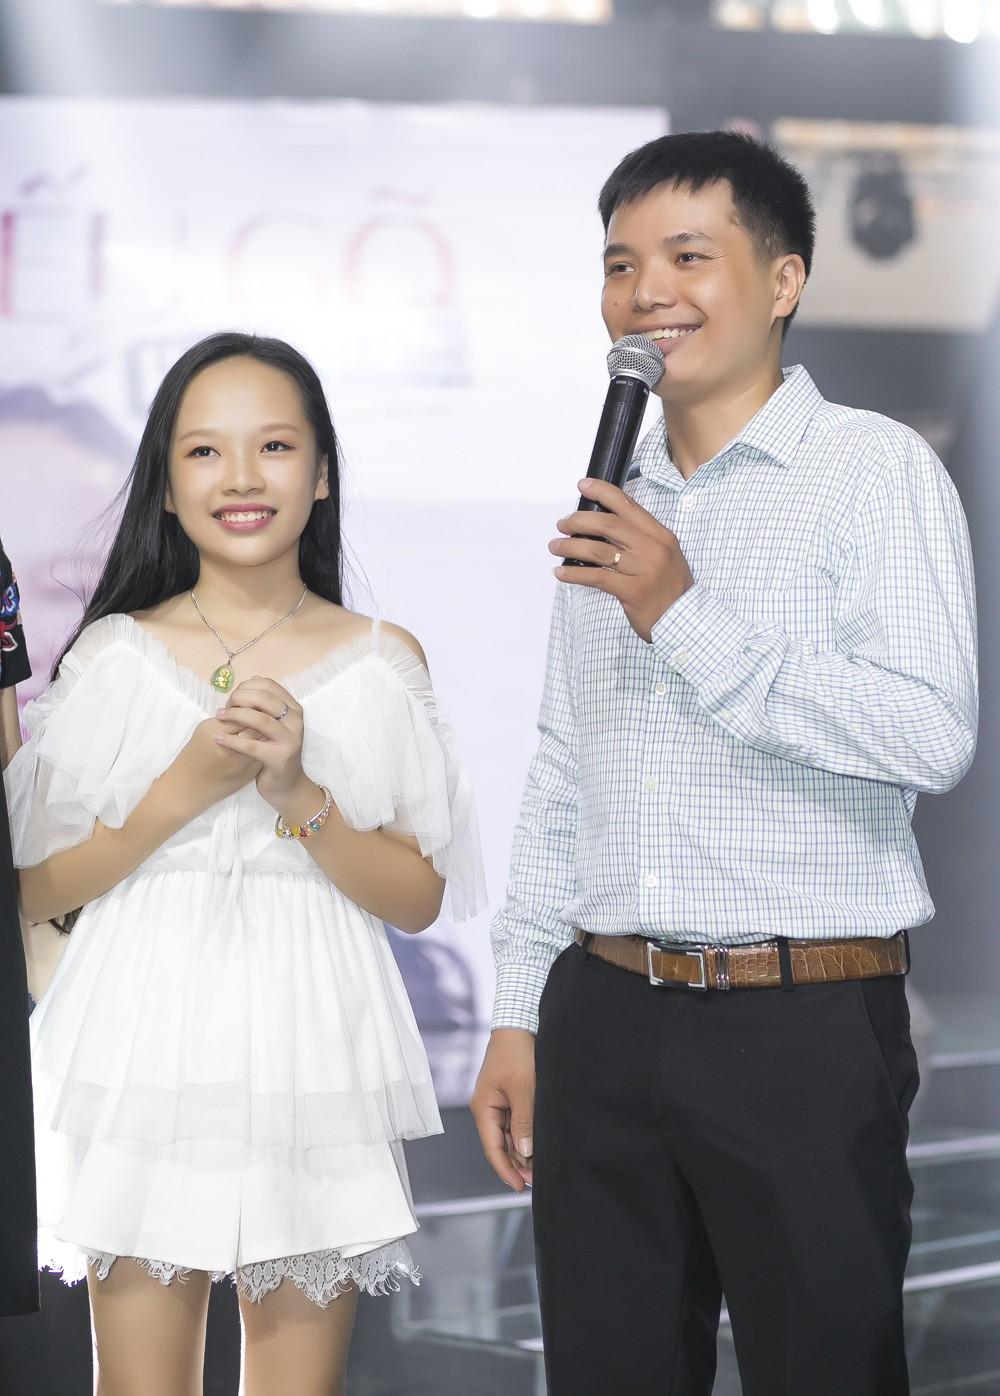 Con gái nuôi Soobin Hoàng Sơn xinh xắn tạo dáng bên bố và Lưu Thiên Hương - Ảnh 8.